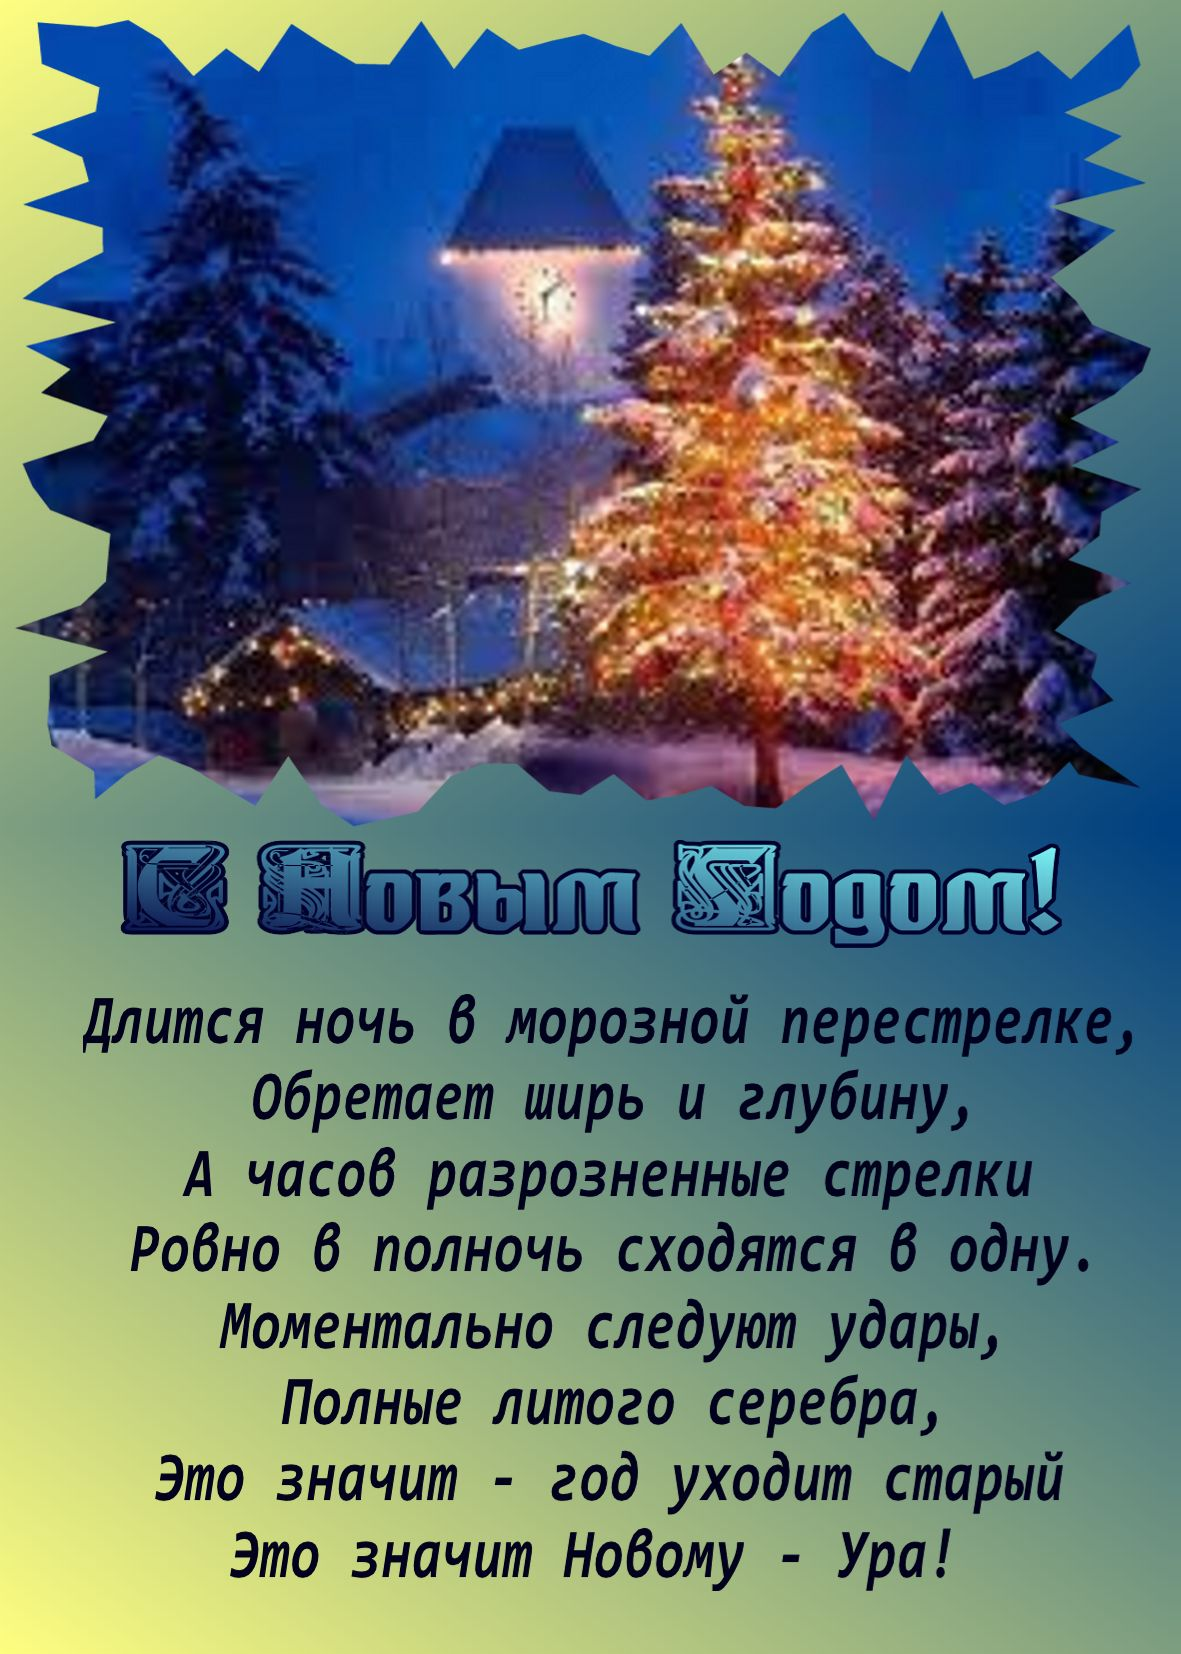 Поздравление с новым годом текст открытки